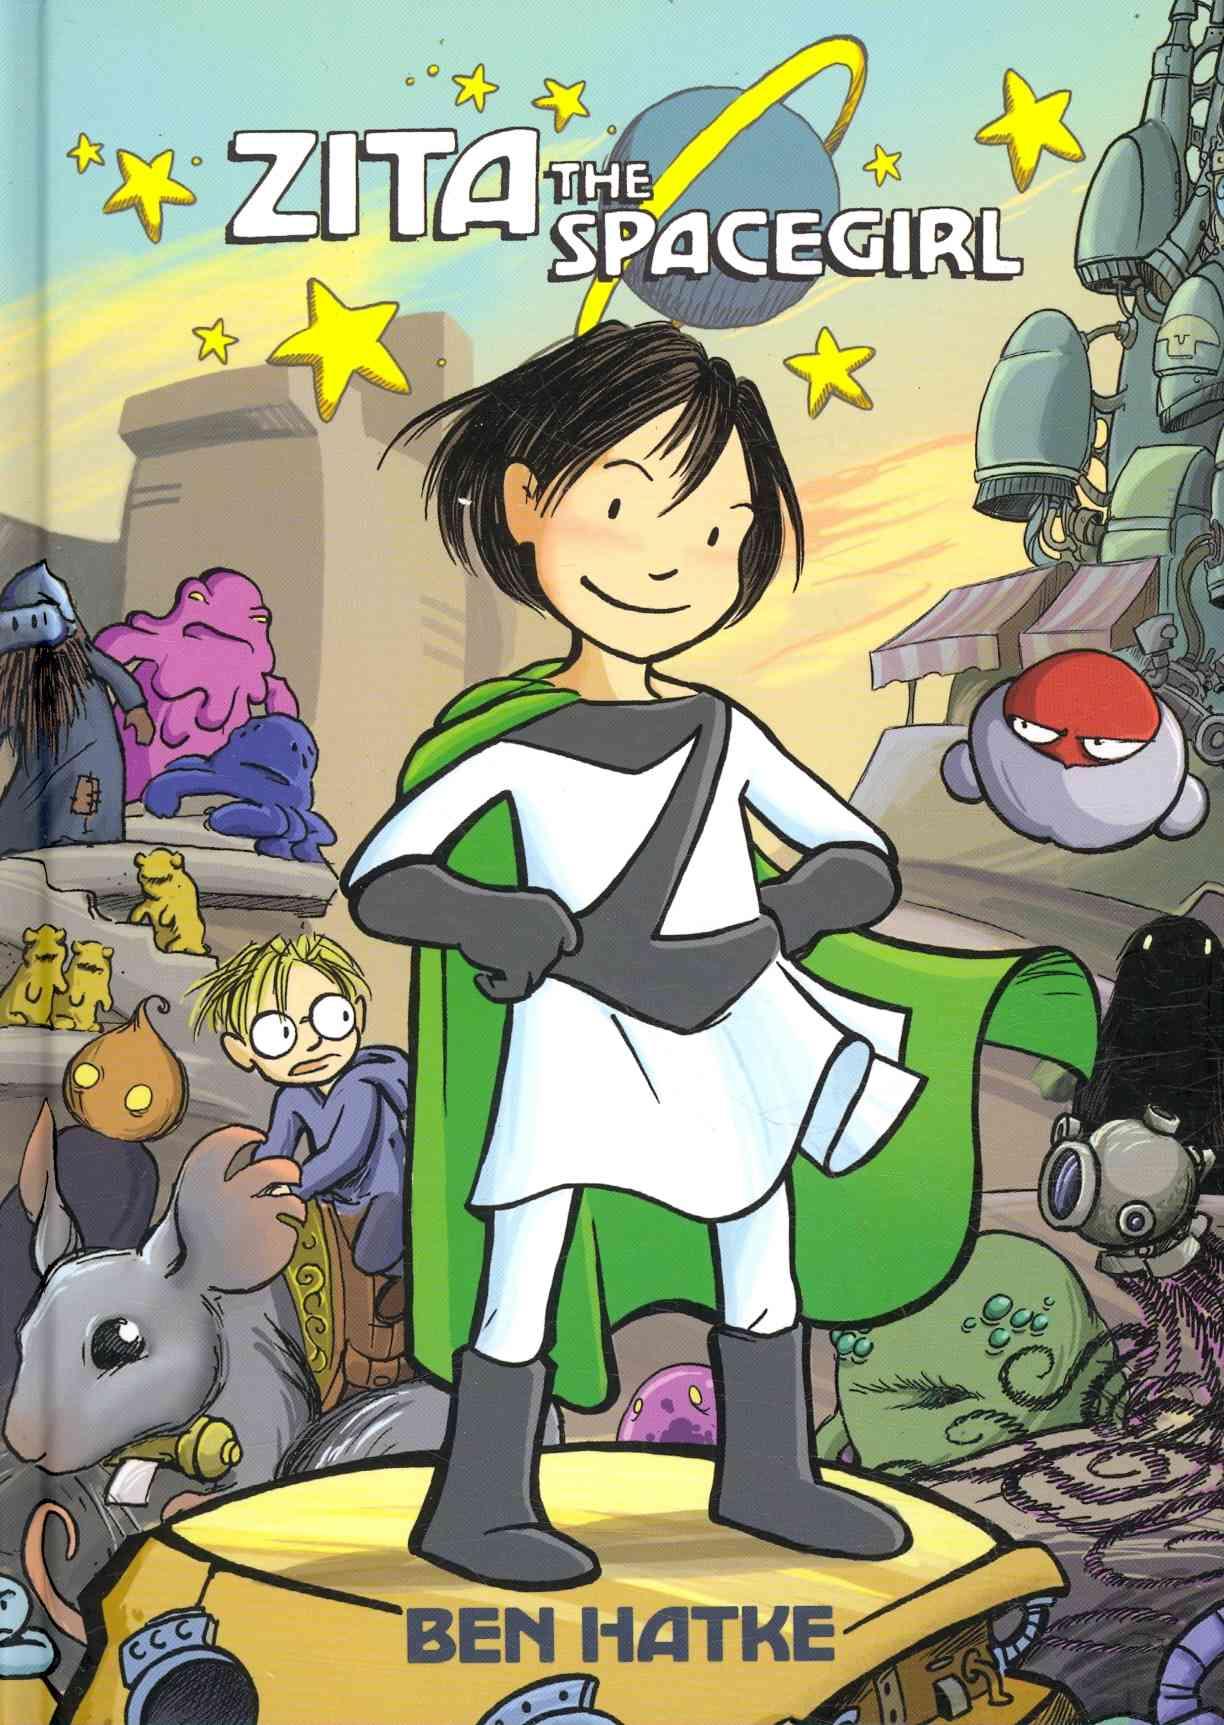 Zita the Spacegirl 1: Far from Home (Hardcover)